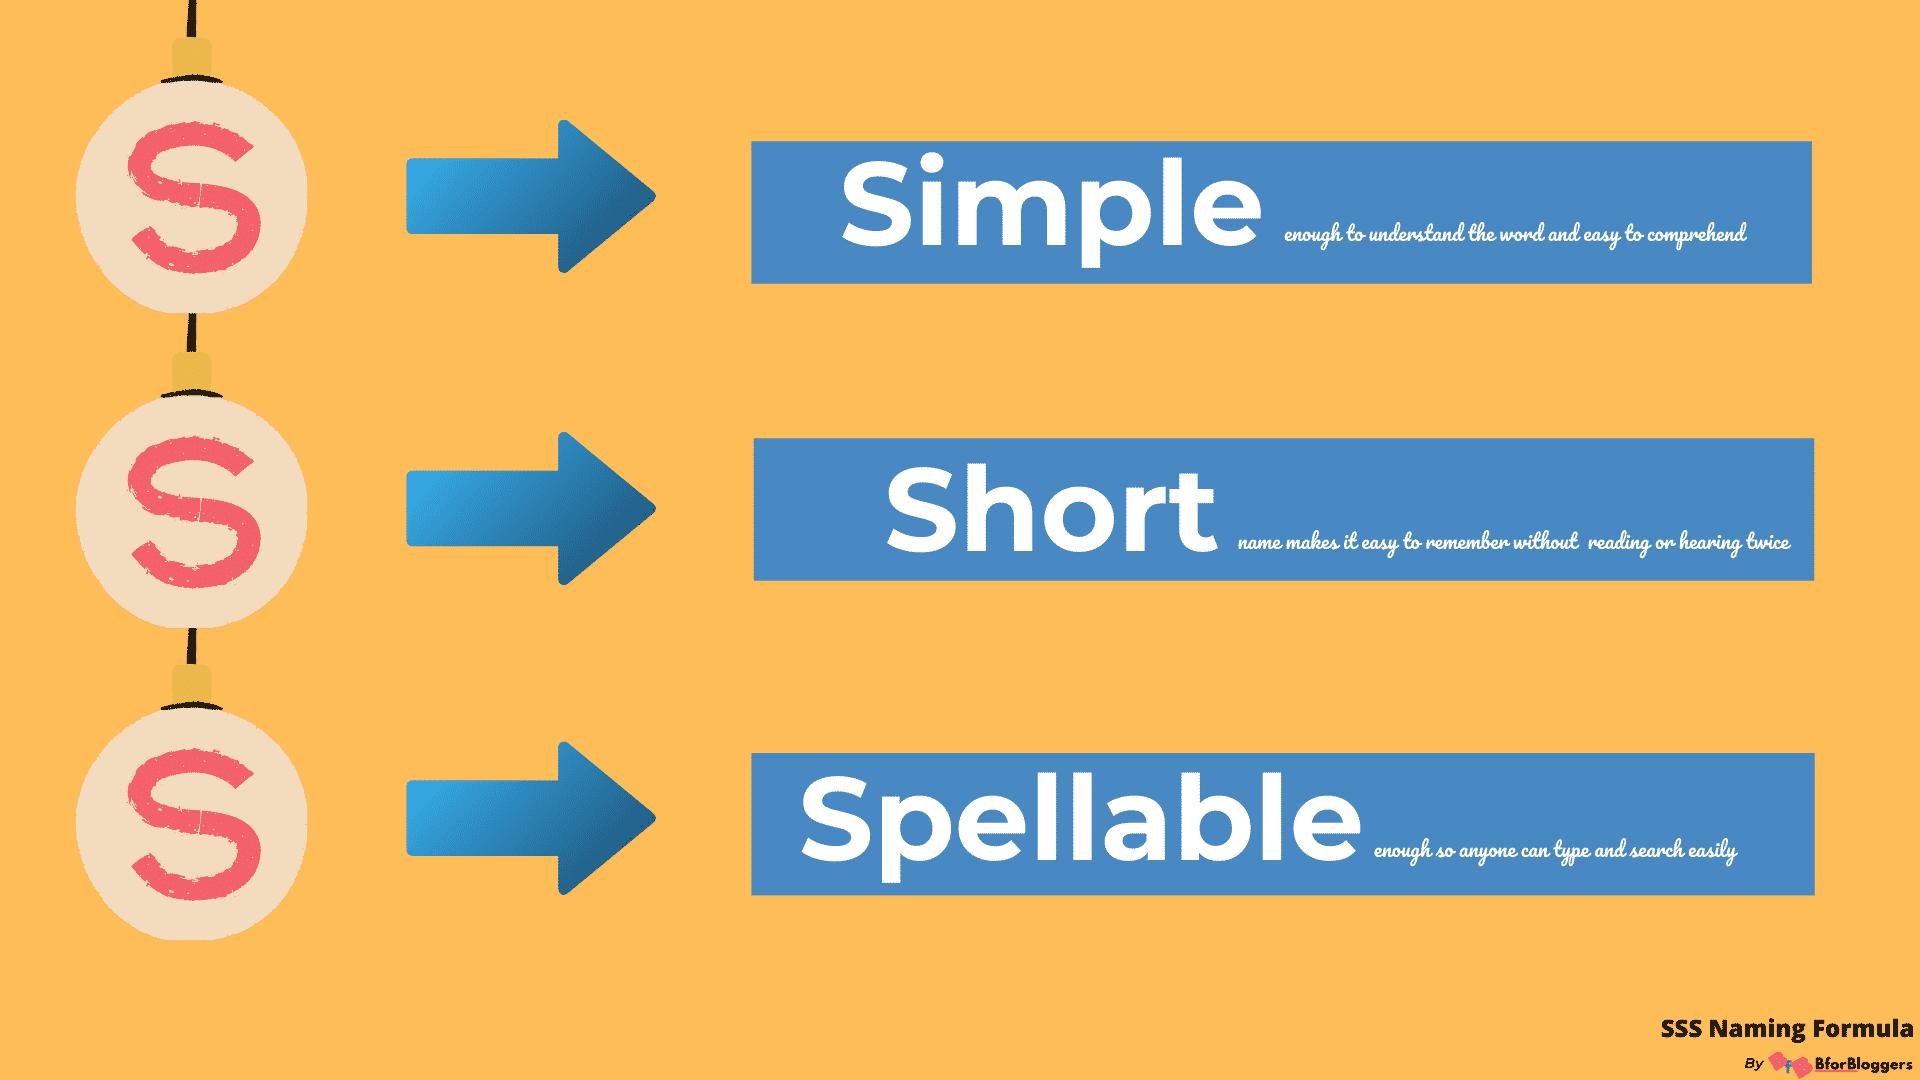 SSs-naming-formula-depiction